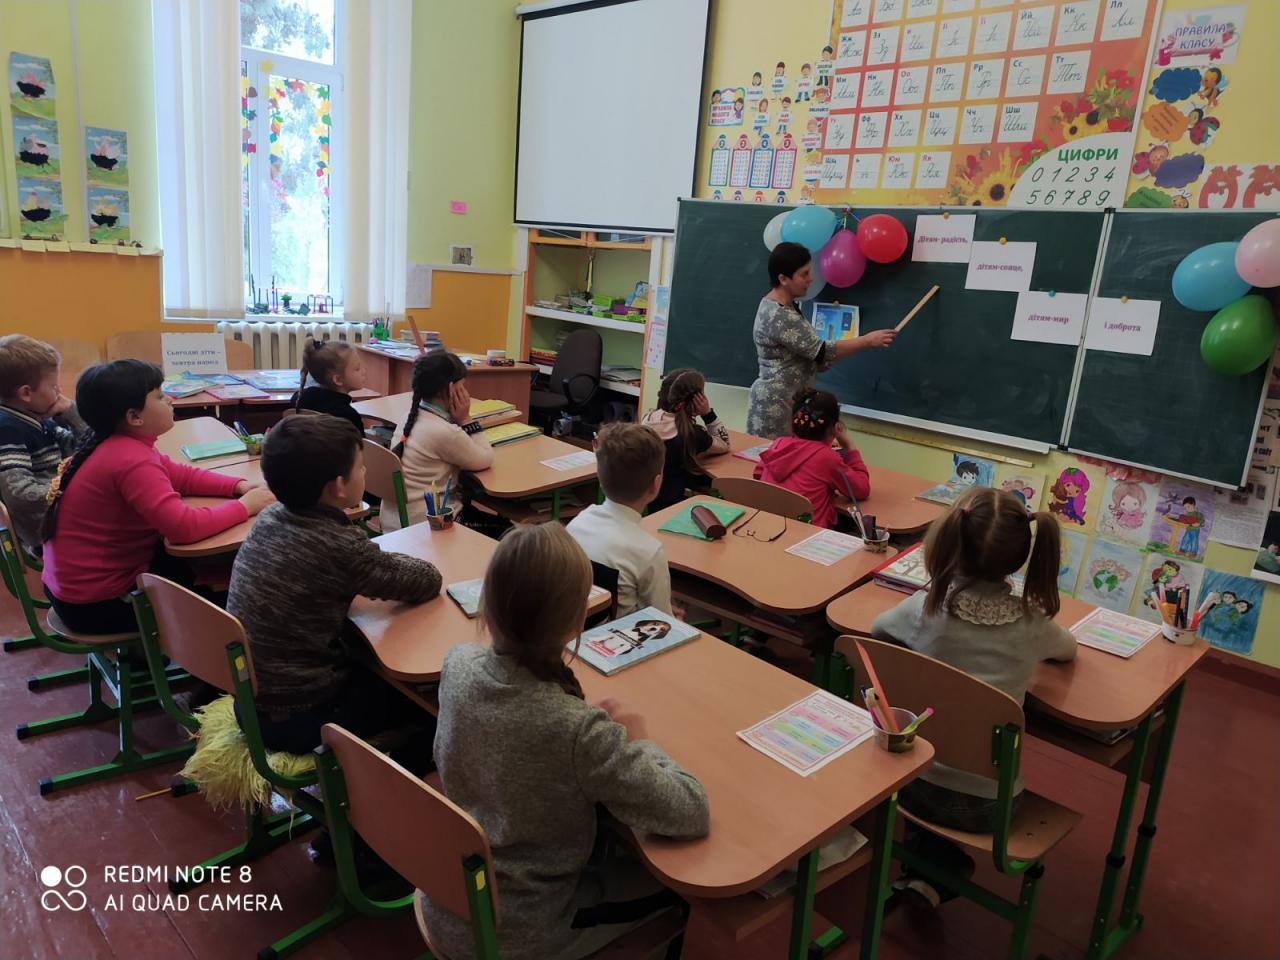 http://dunrada.gov.ua/uploadfile/archive_news/2020/11/20/2020-11-20_2647/images/images-86418.jpg